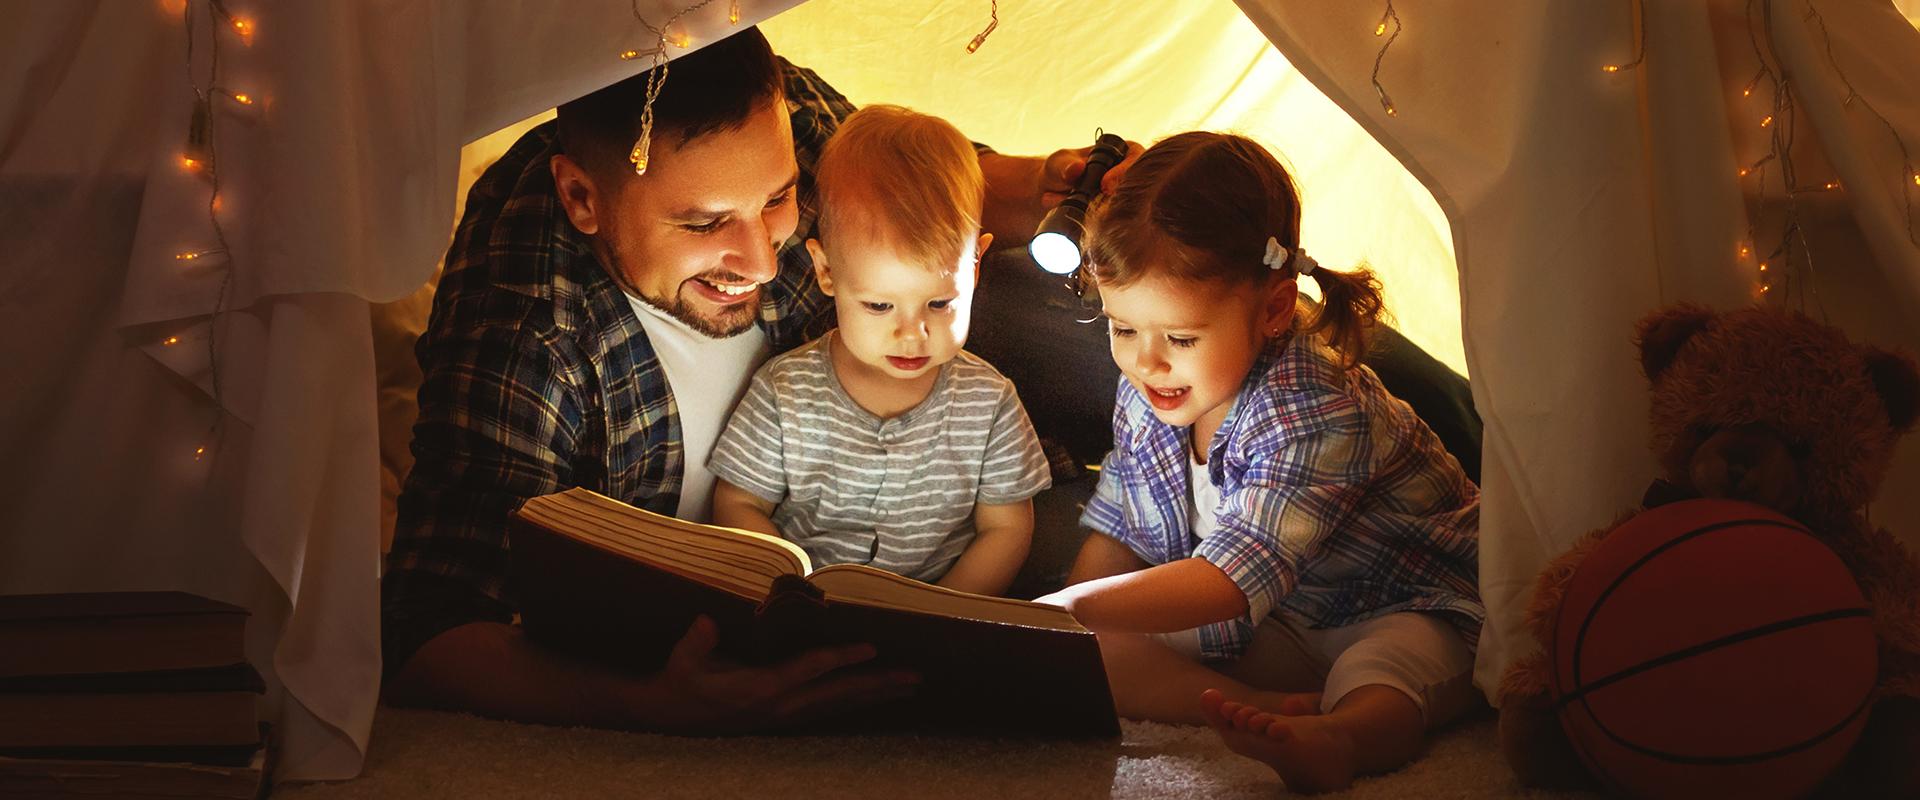 Le carezze della sera: mamme e papà raccontano la bellezza della genitorialità